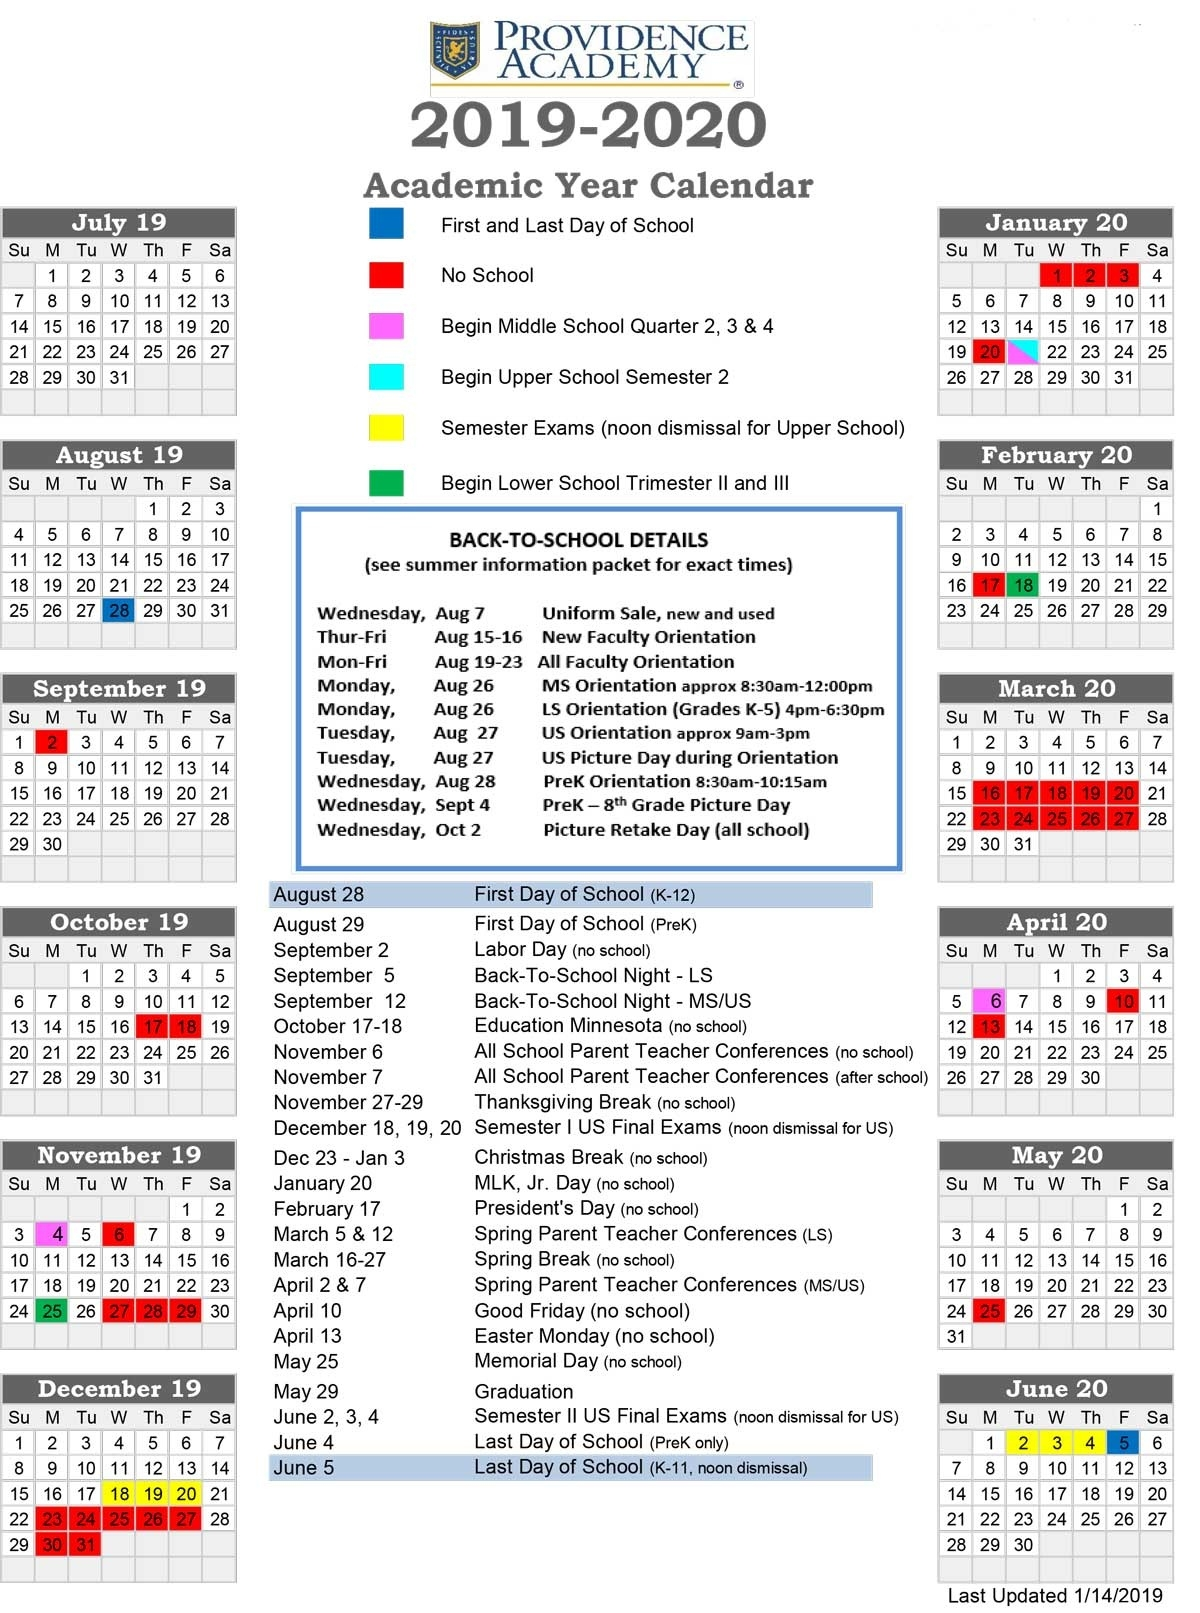 Academic Calendar - Providence Academy_School Calendar Loudoun County